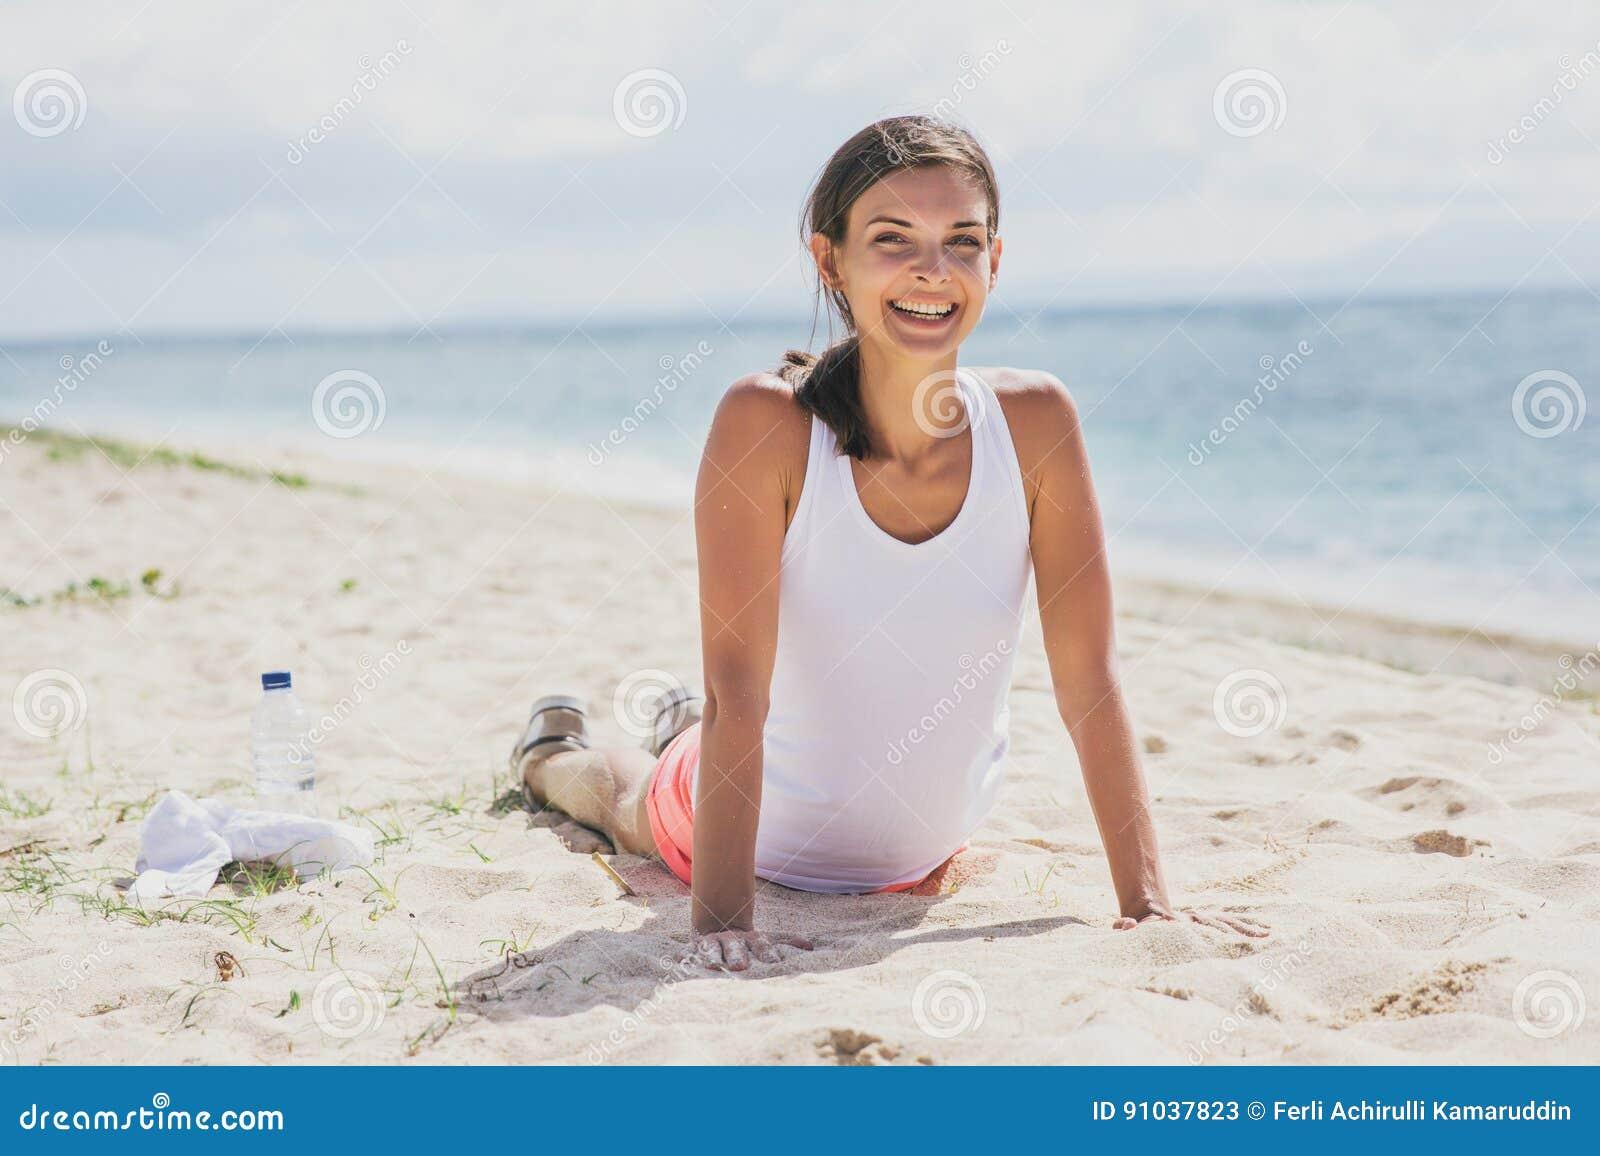 Счастливый здоровый делать женщины нажимает вверх на пляже